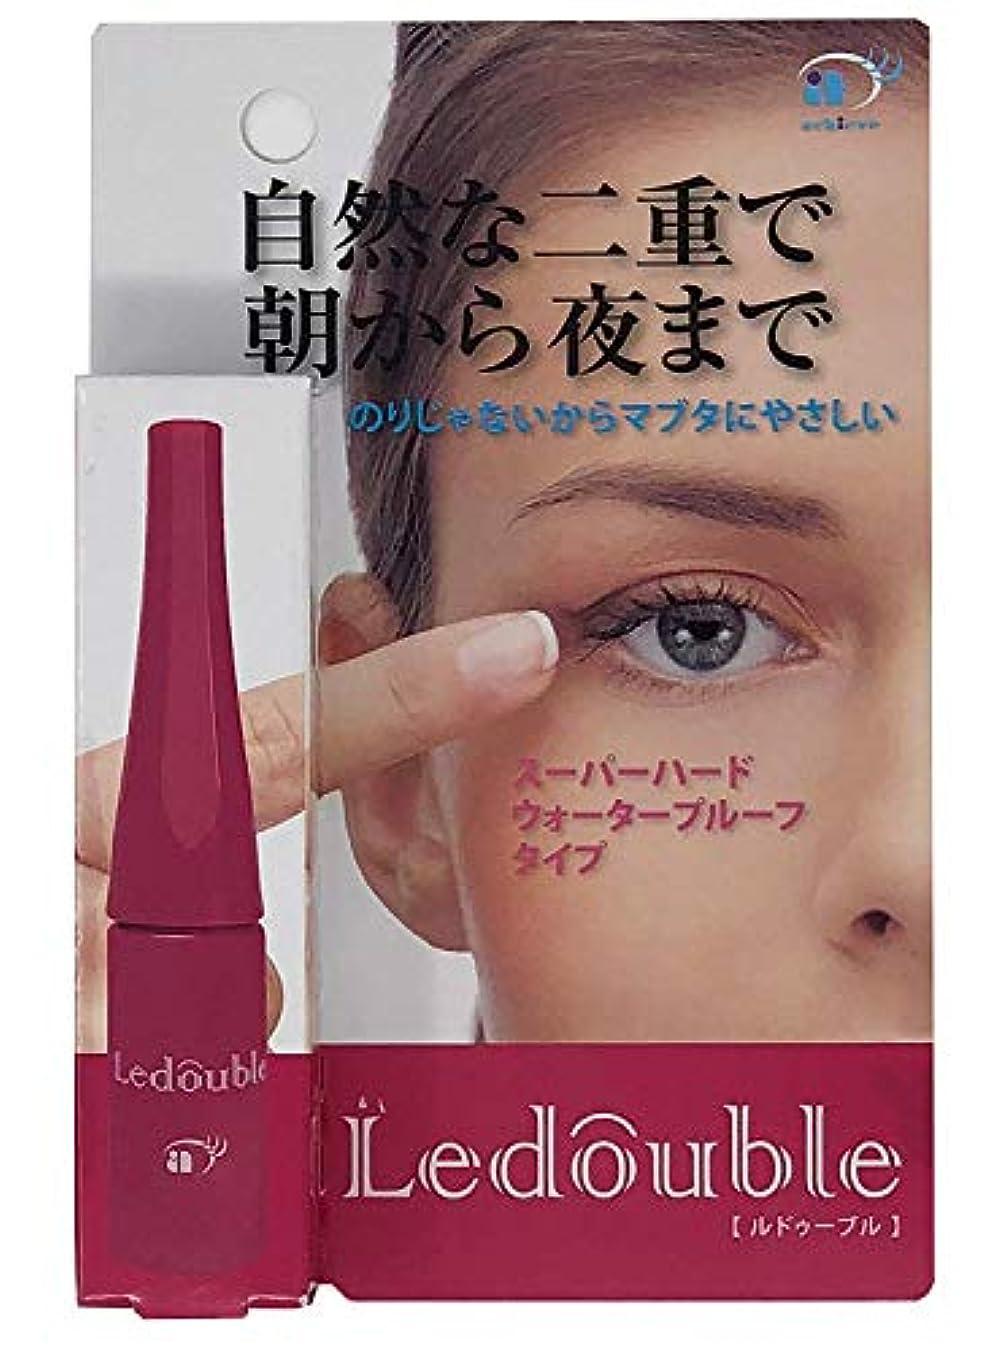 比べる究極の対抗Ledouble [ルドゥーブル] 二重まぶた化粧品 (4mL)